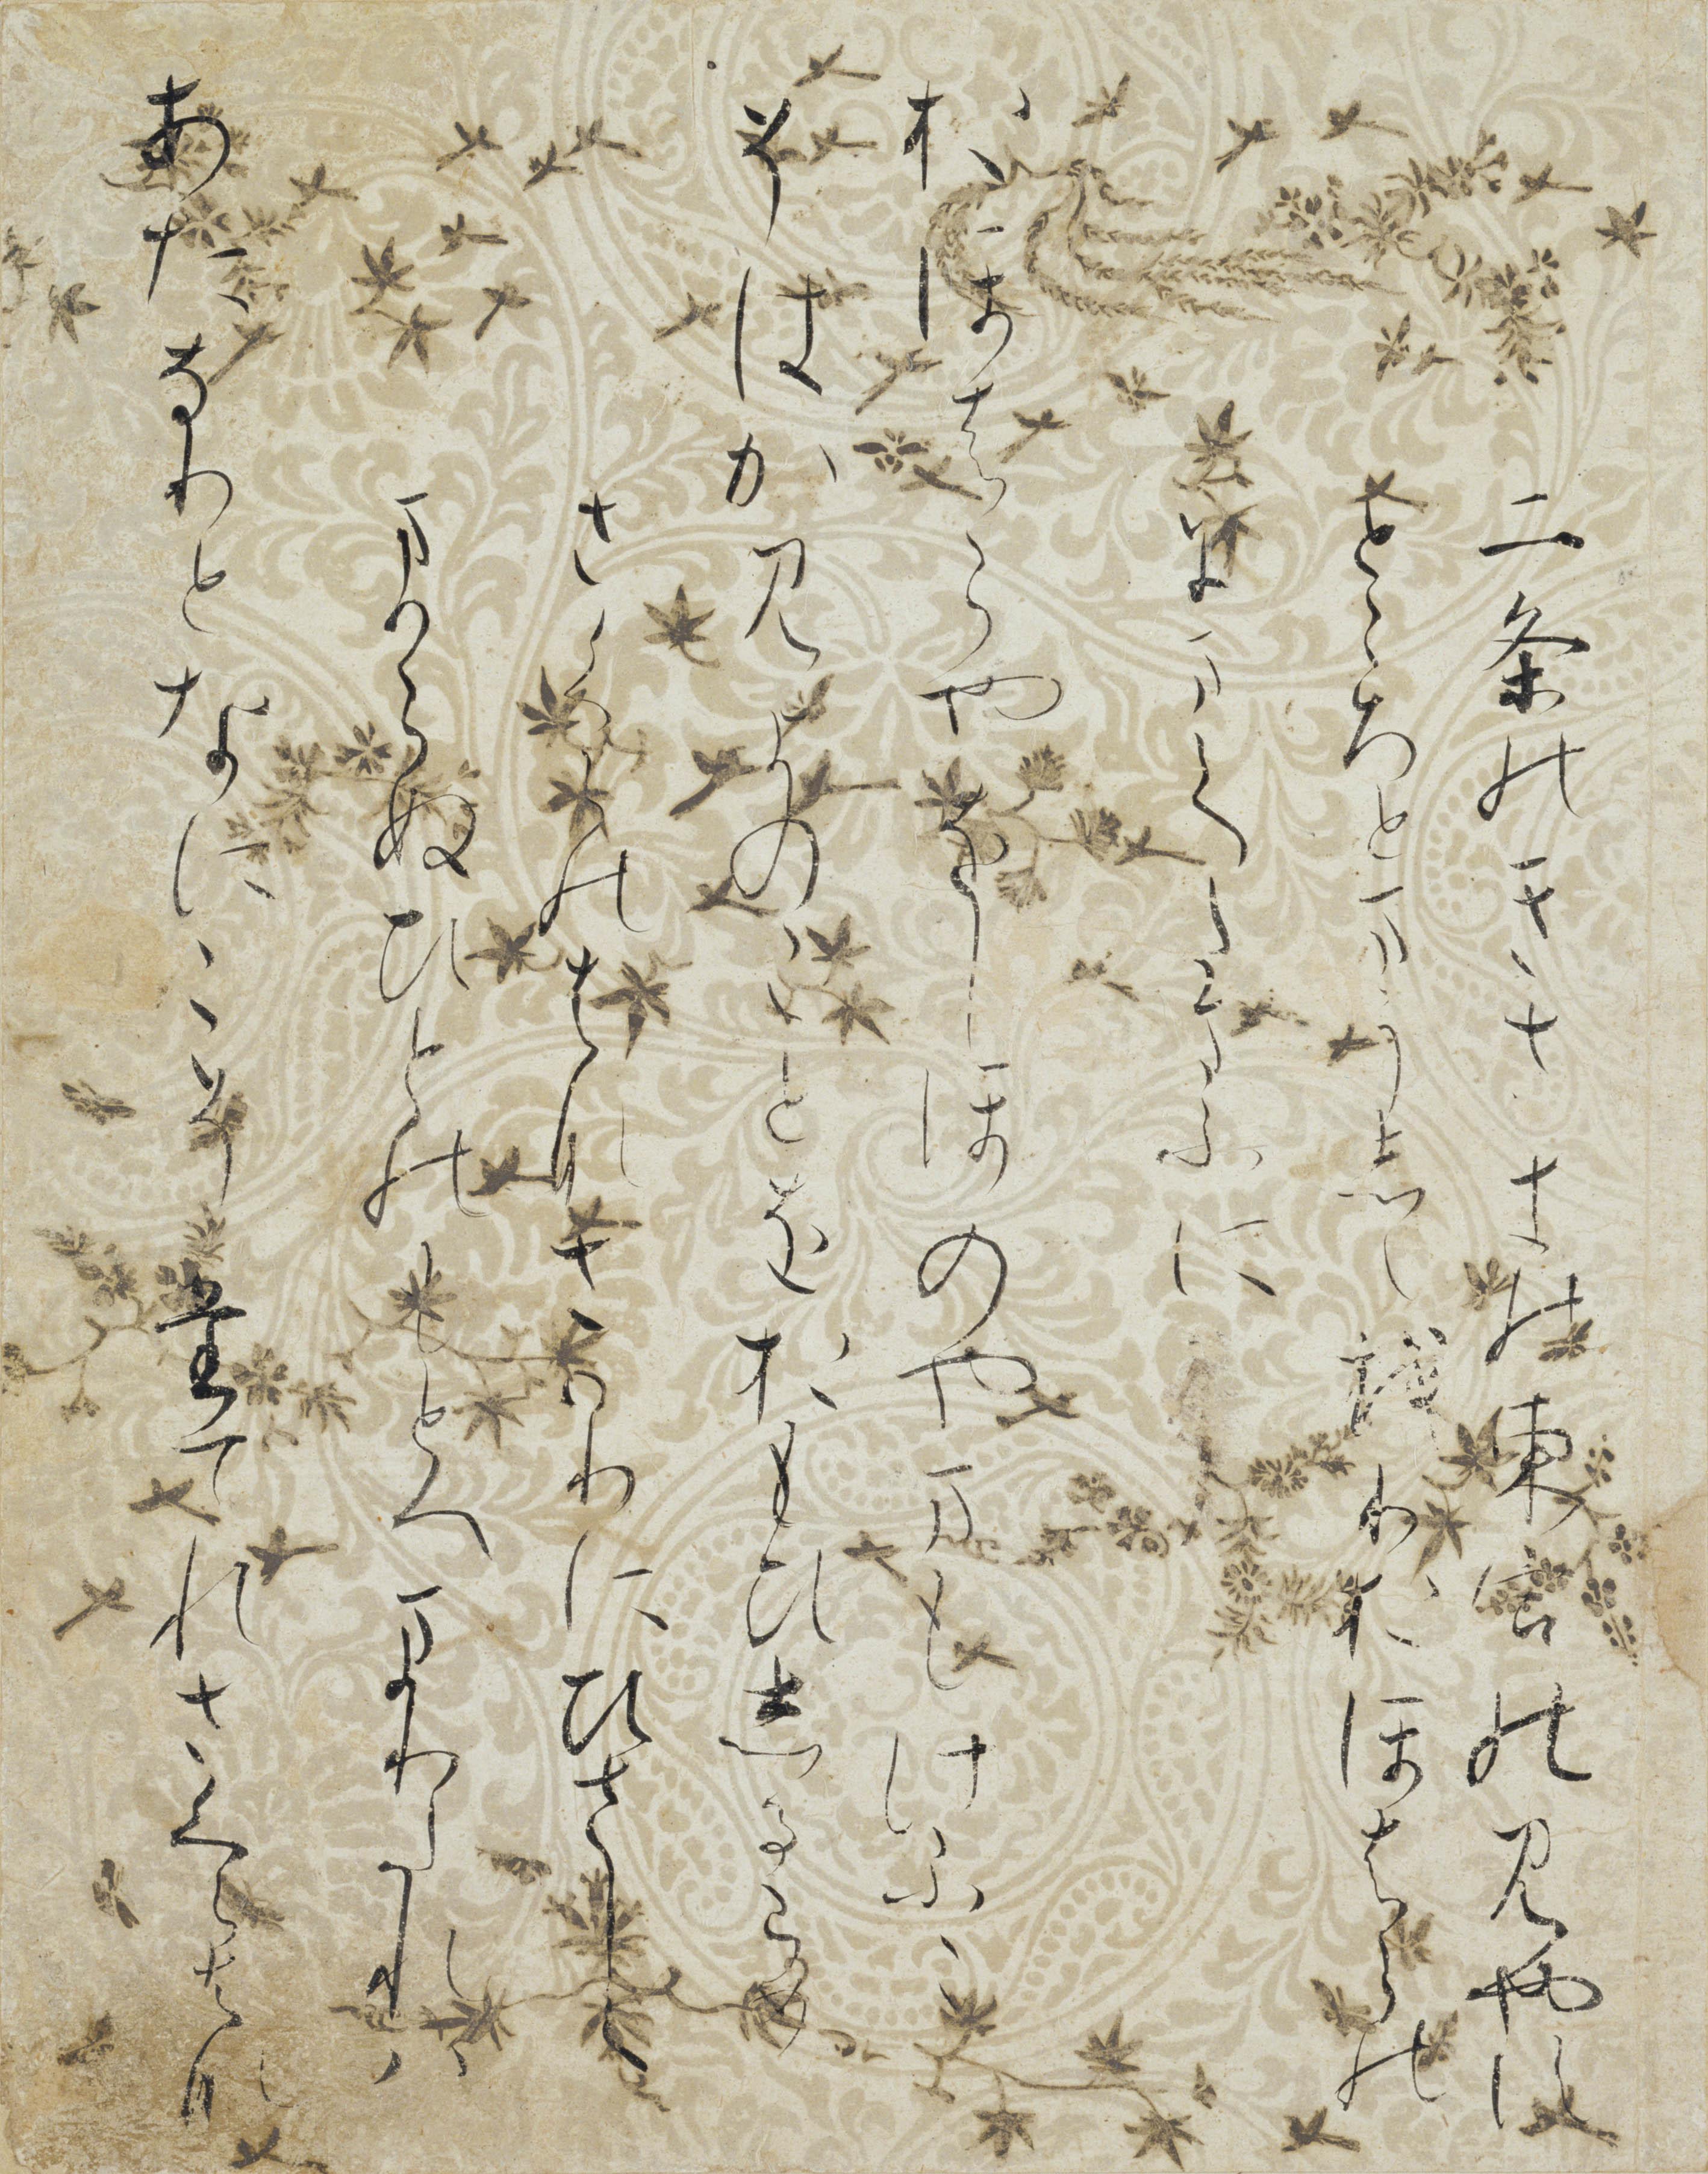 尾形切 伝藤原公任筆 1幅 彩箋墨書 日本・平安時代 12世紀 根津美術館蔵